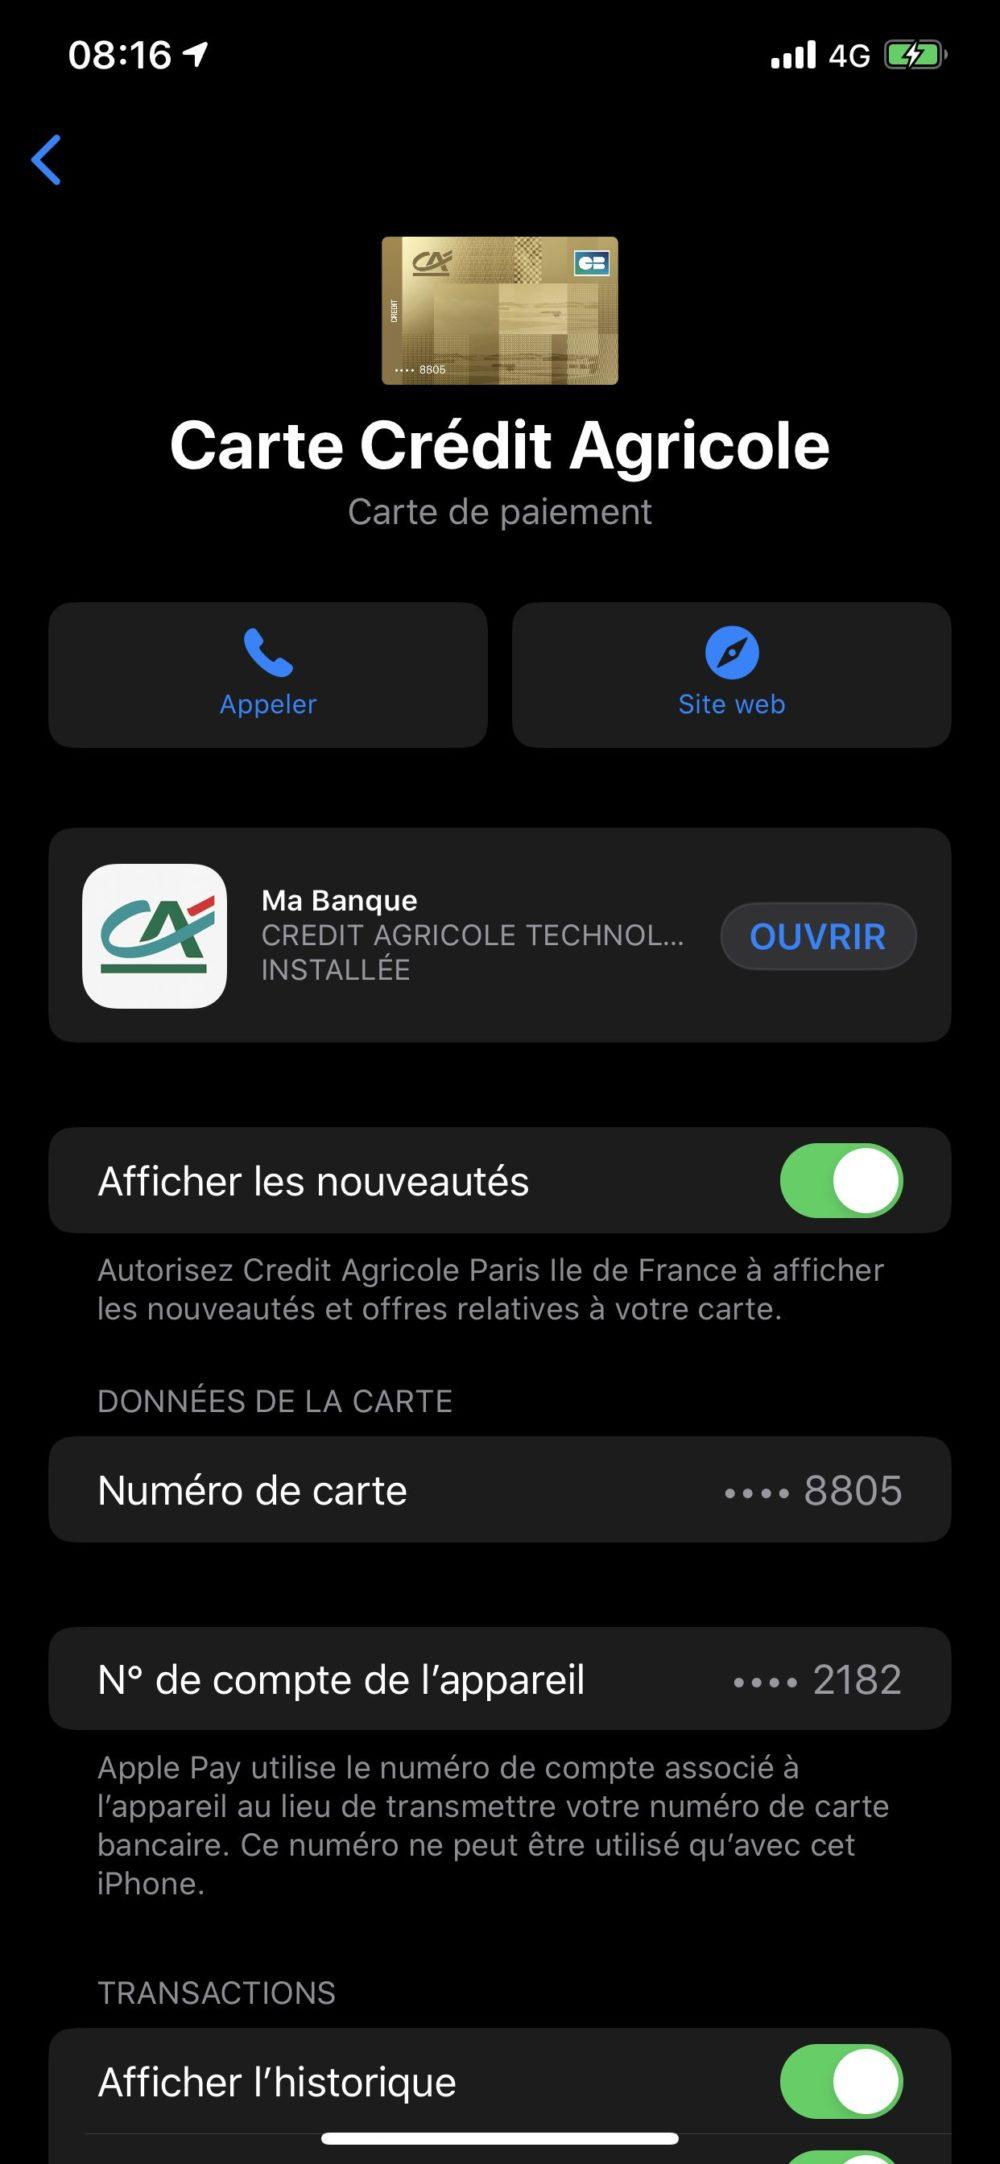 Apple Pay  Tín dụng Nông nghiệp Apple Pay : Dịch vụ thanh toán không tiếp xúc của Apple cuối cùng đã đến Crédit Agricole